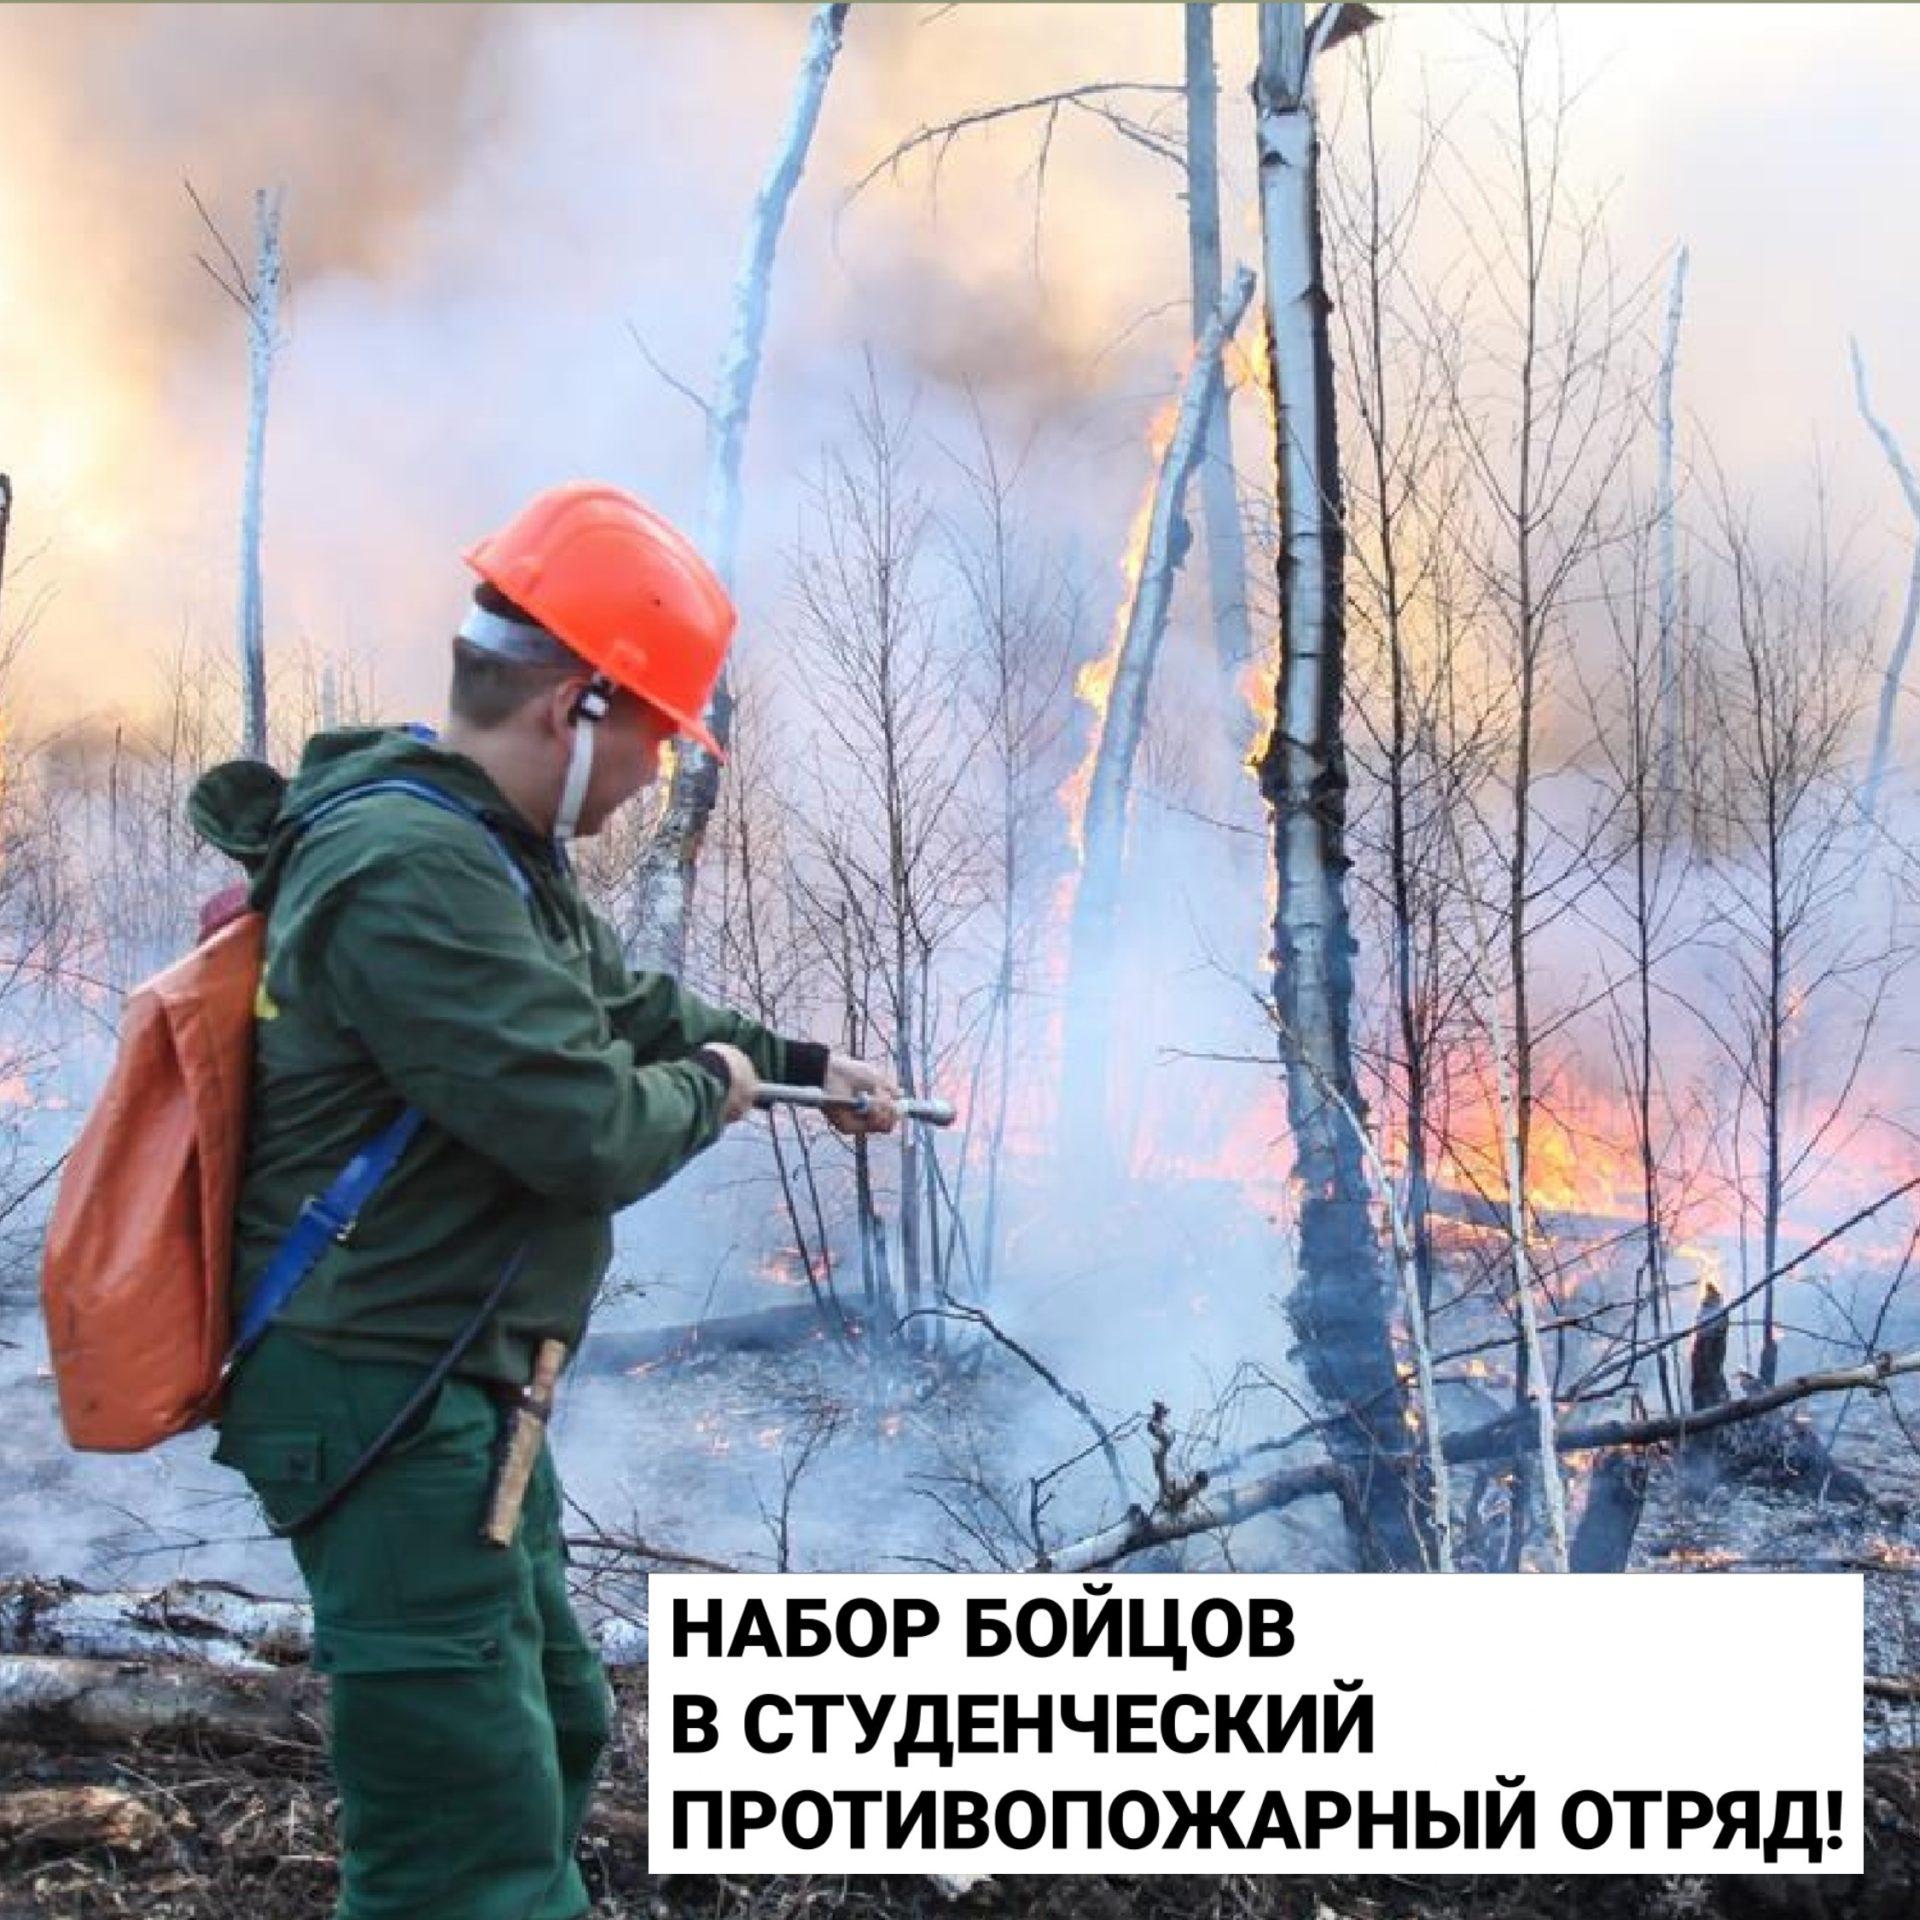 В Якутске ведется набор бойцов в студенческий противопожарный отряд «Прометей-2021»